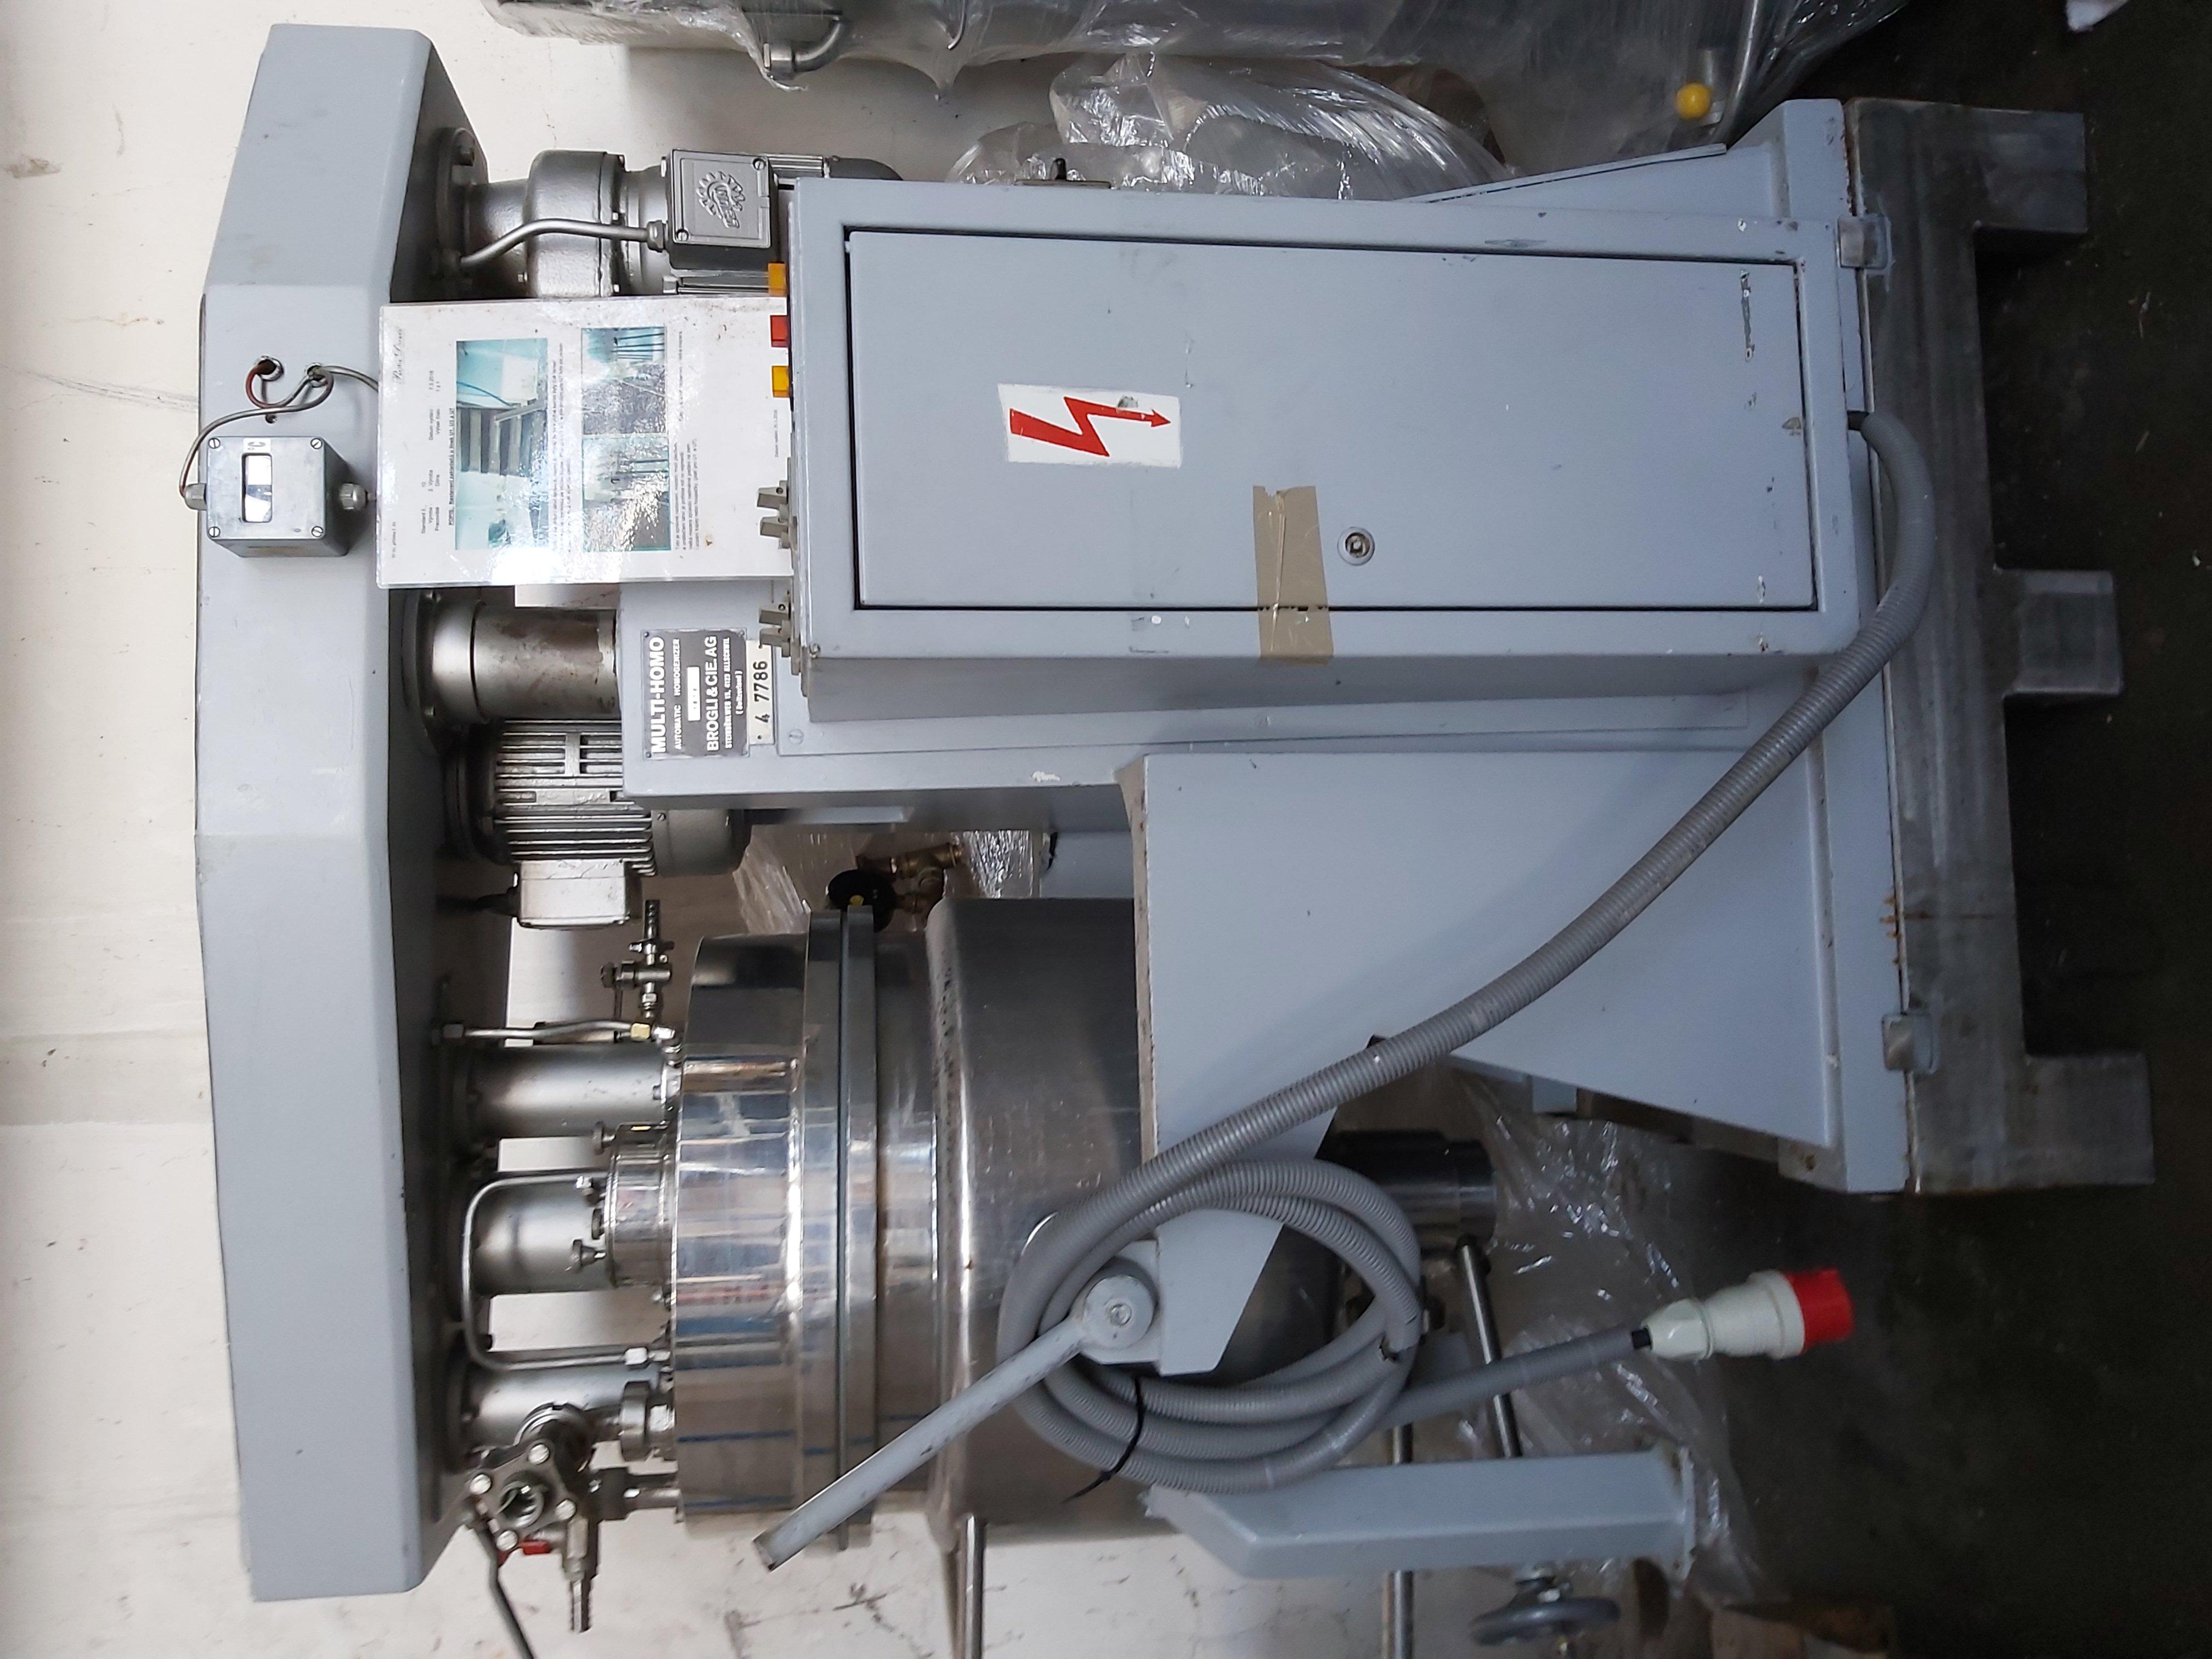 50 litrů, Brogli model MH 50. Multi-homo nerezový duplikovaný vakuový homogenizer